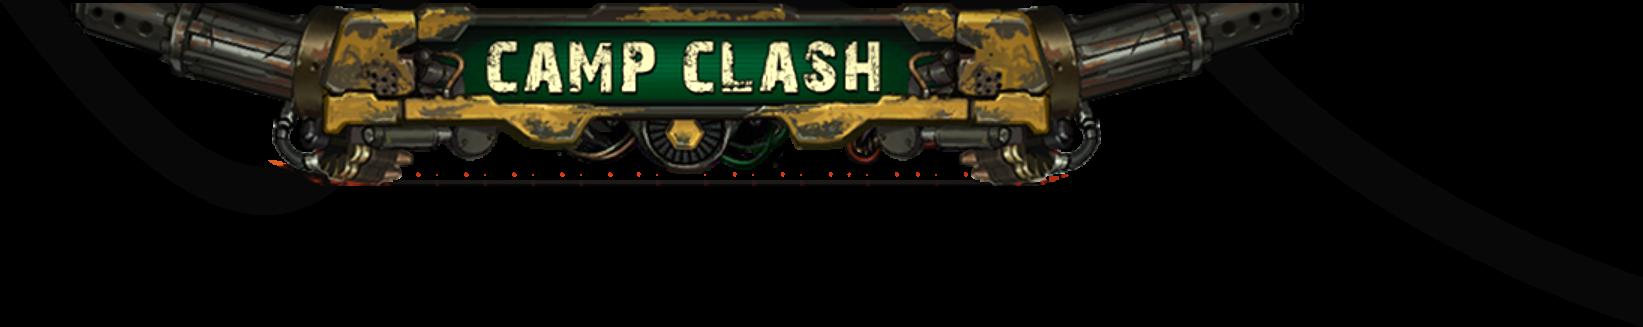 camp clash